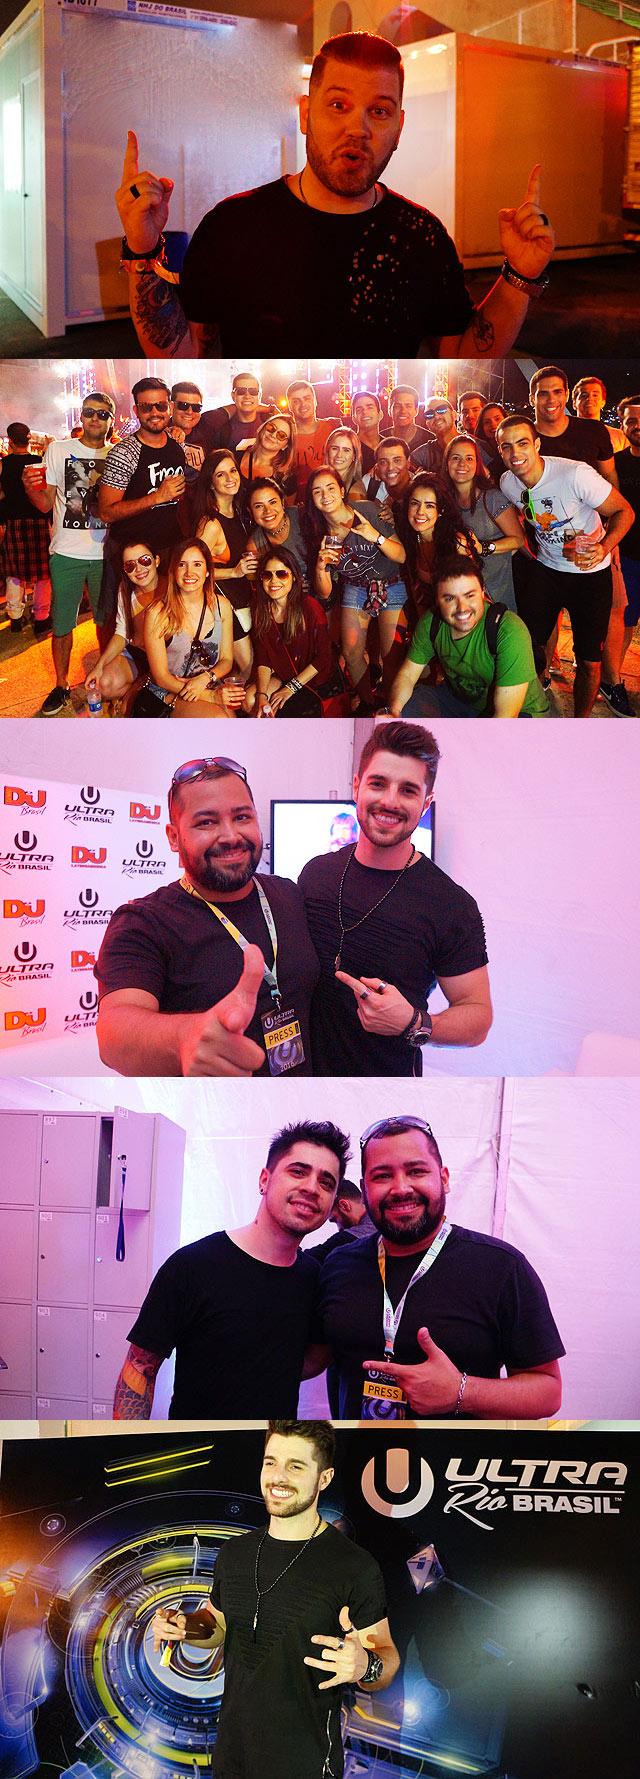 Marcelo CIC em bastidores, galera reunida no Ultra Brasil, Wander X com Alok e FTampa, Alok em banner oficial Ultra Brasil